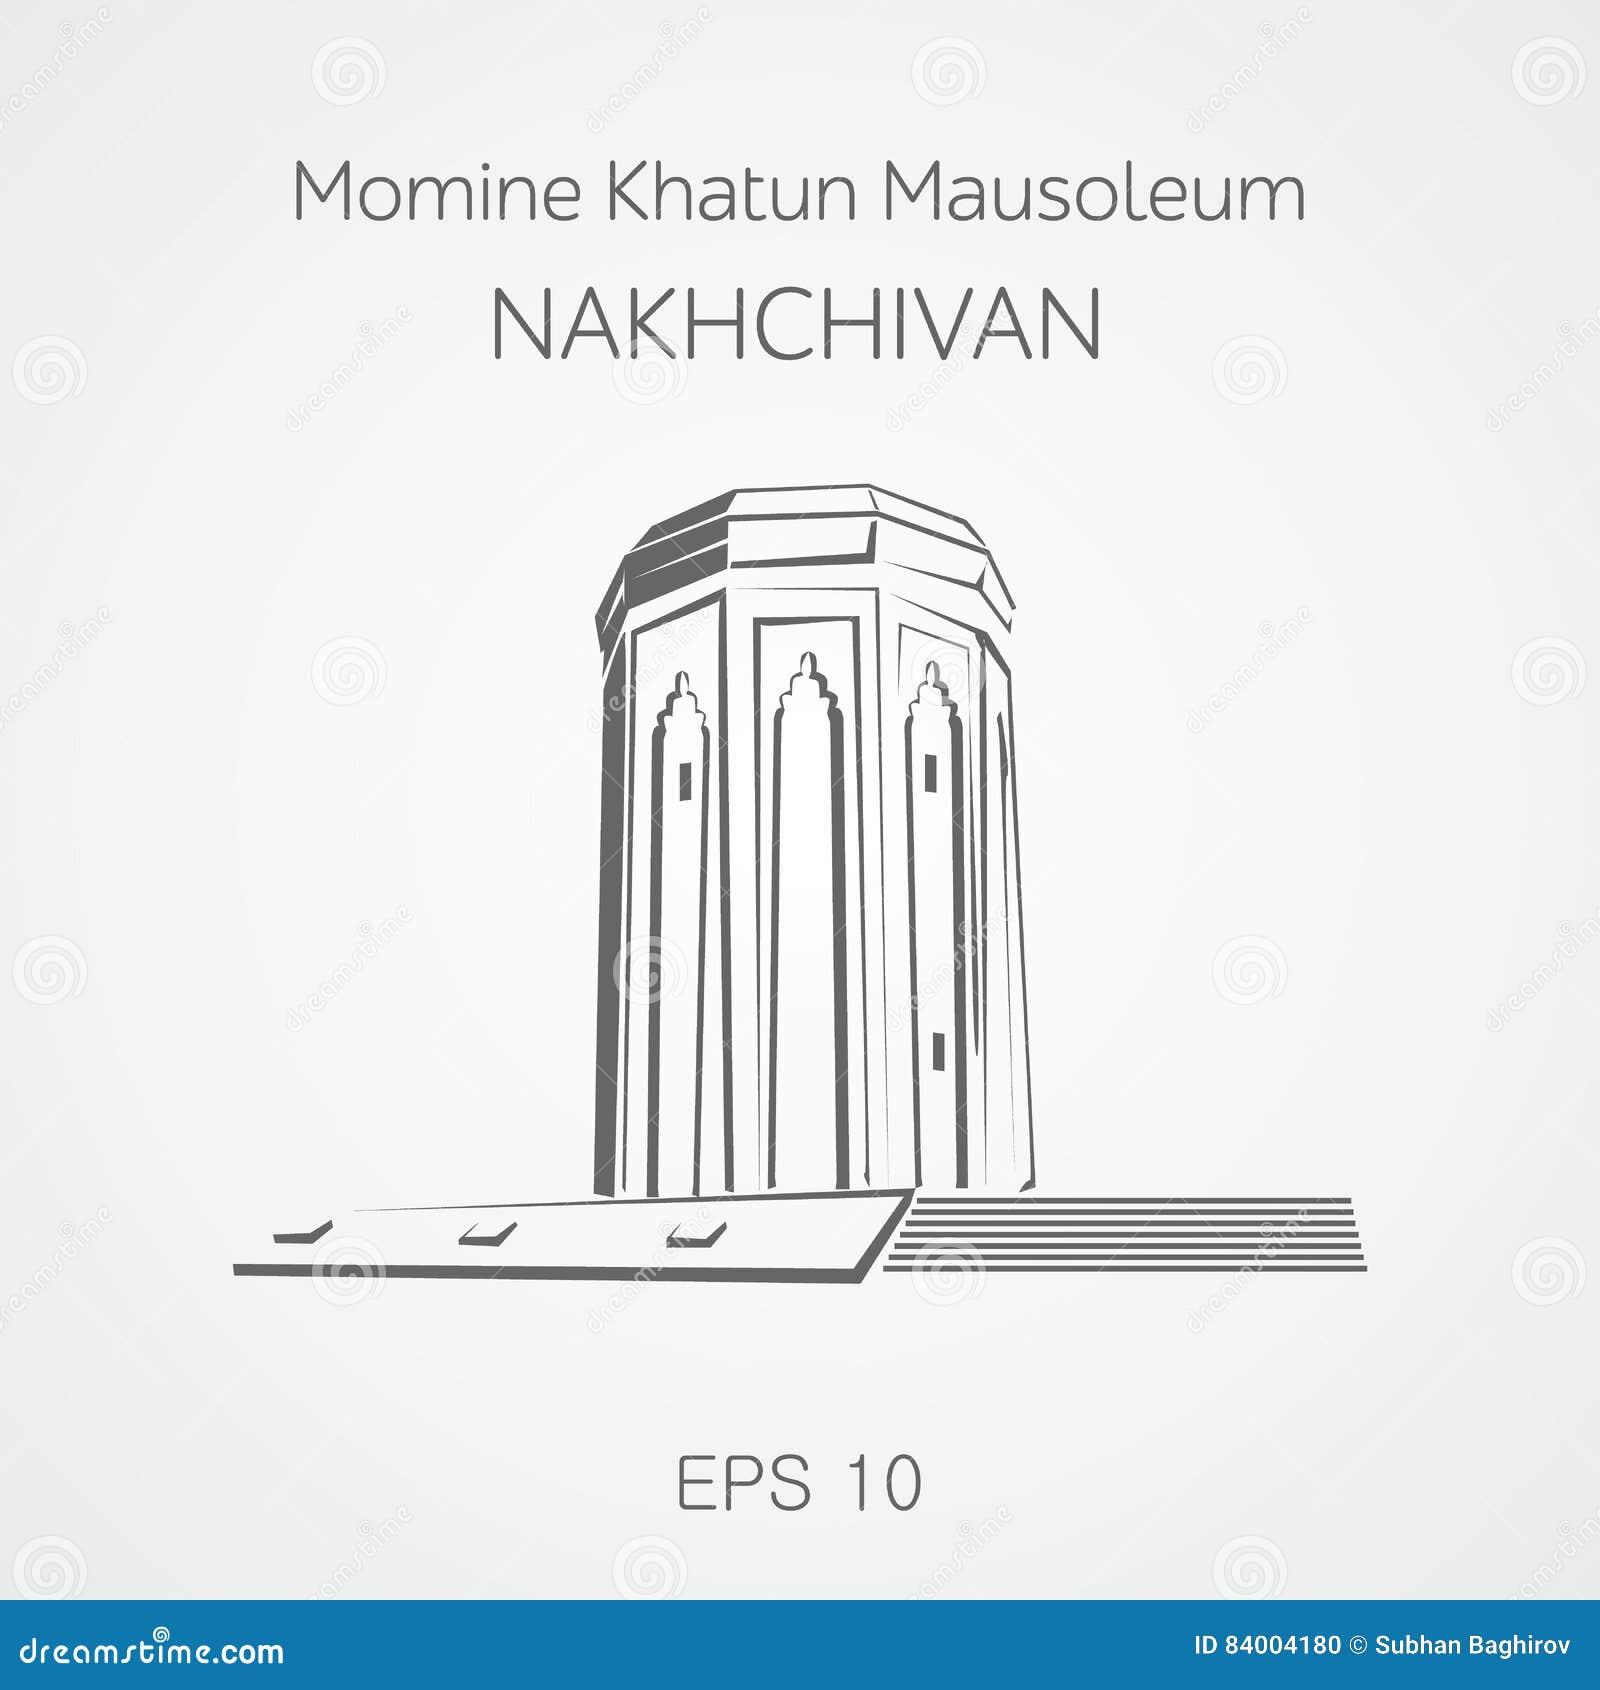 Momine Khatun mausoleum Nakhchivan _